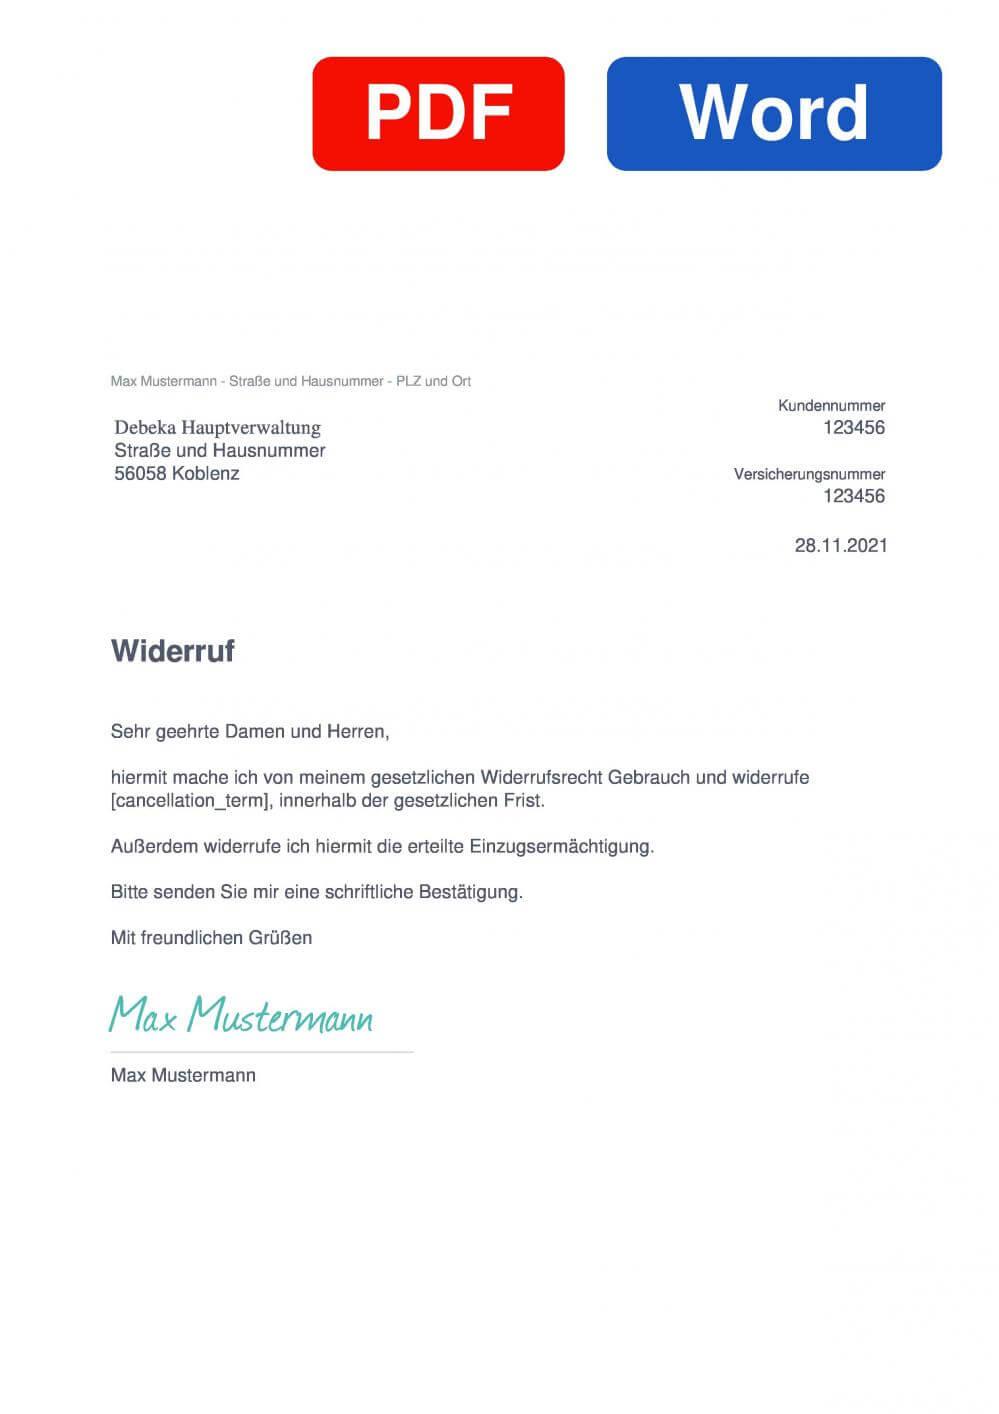 Debeka Versicherungen Muster Vorlage für Wiederrufsschreiben